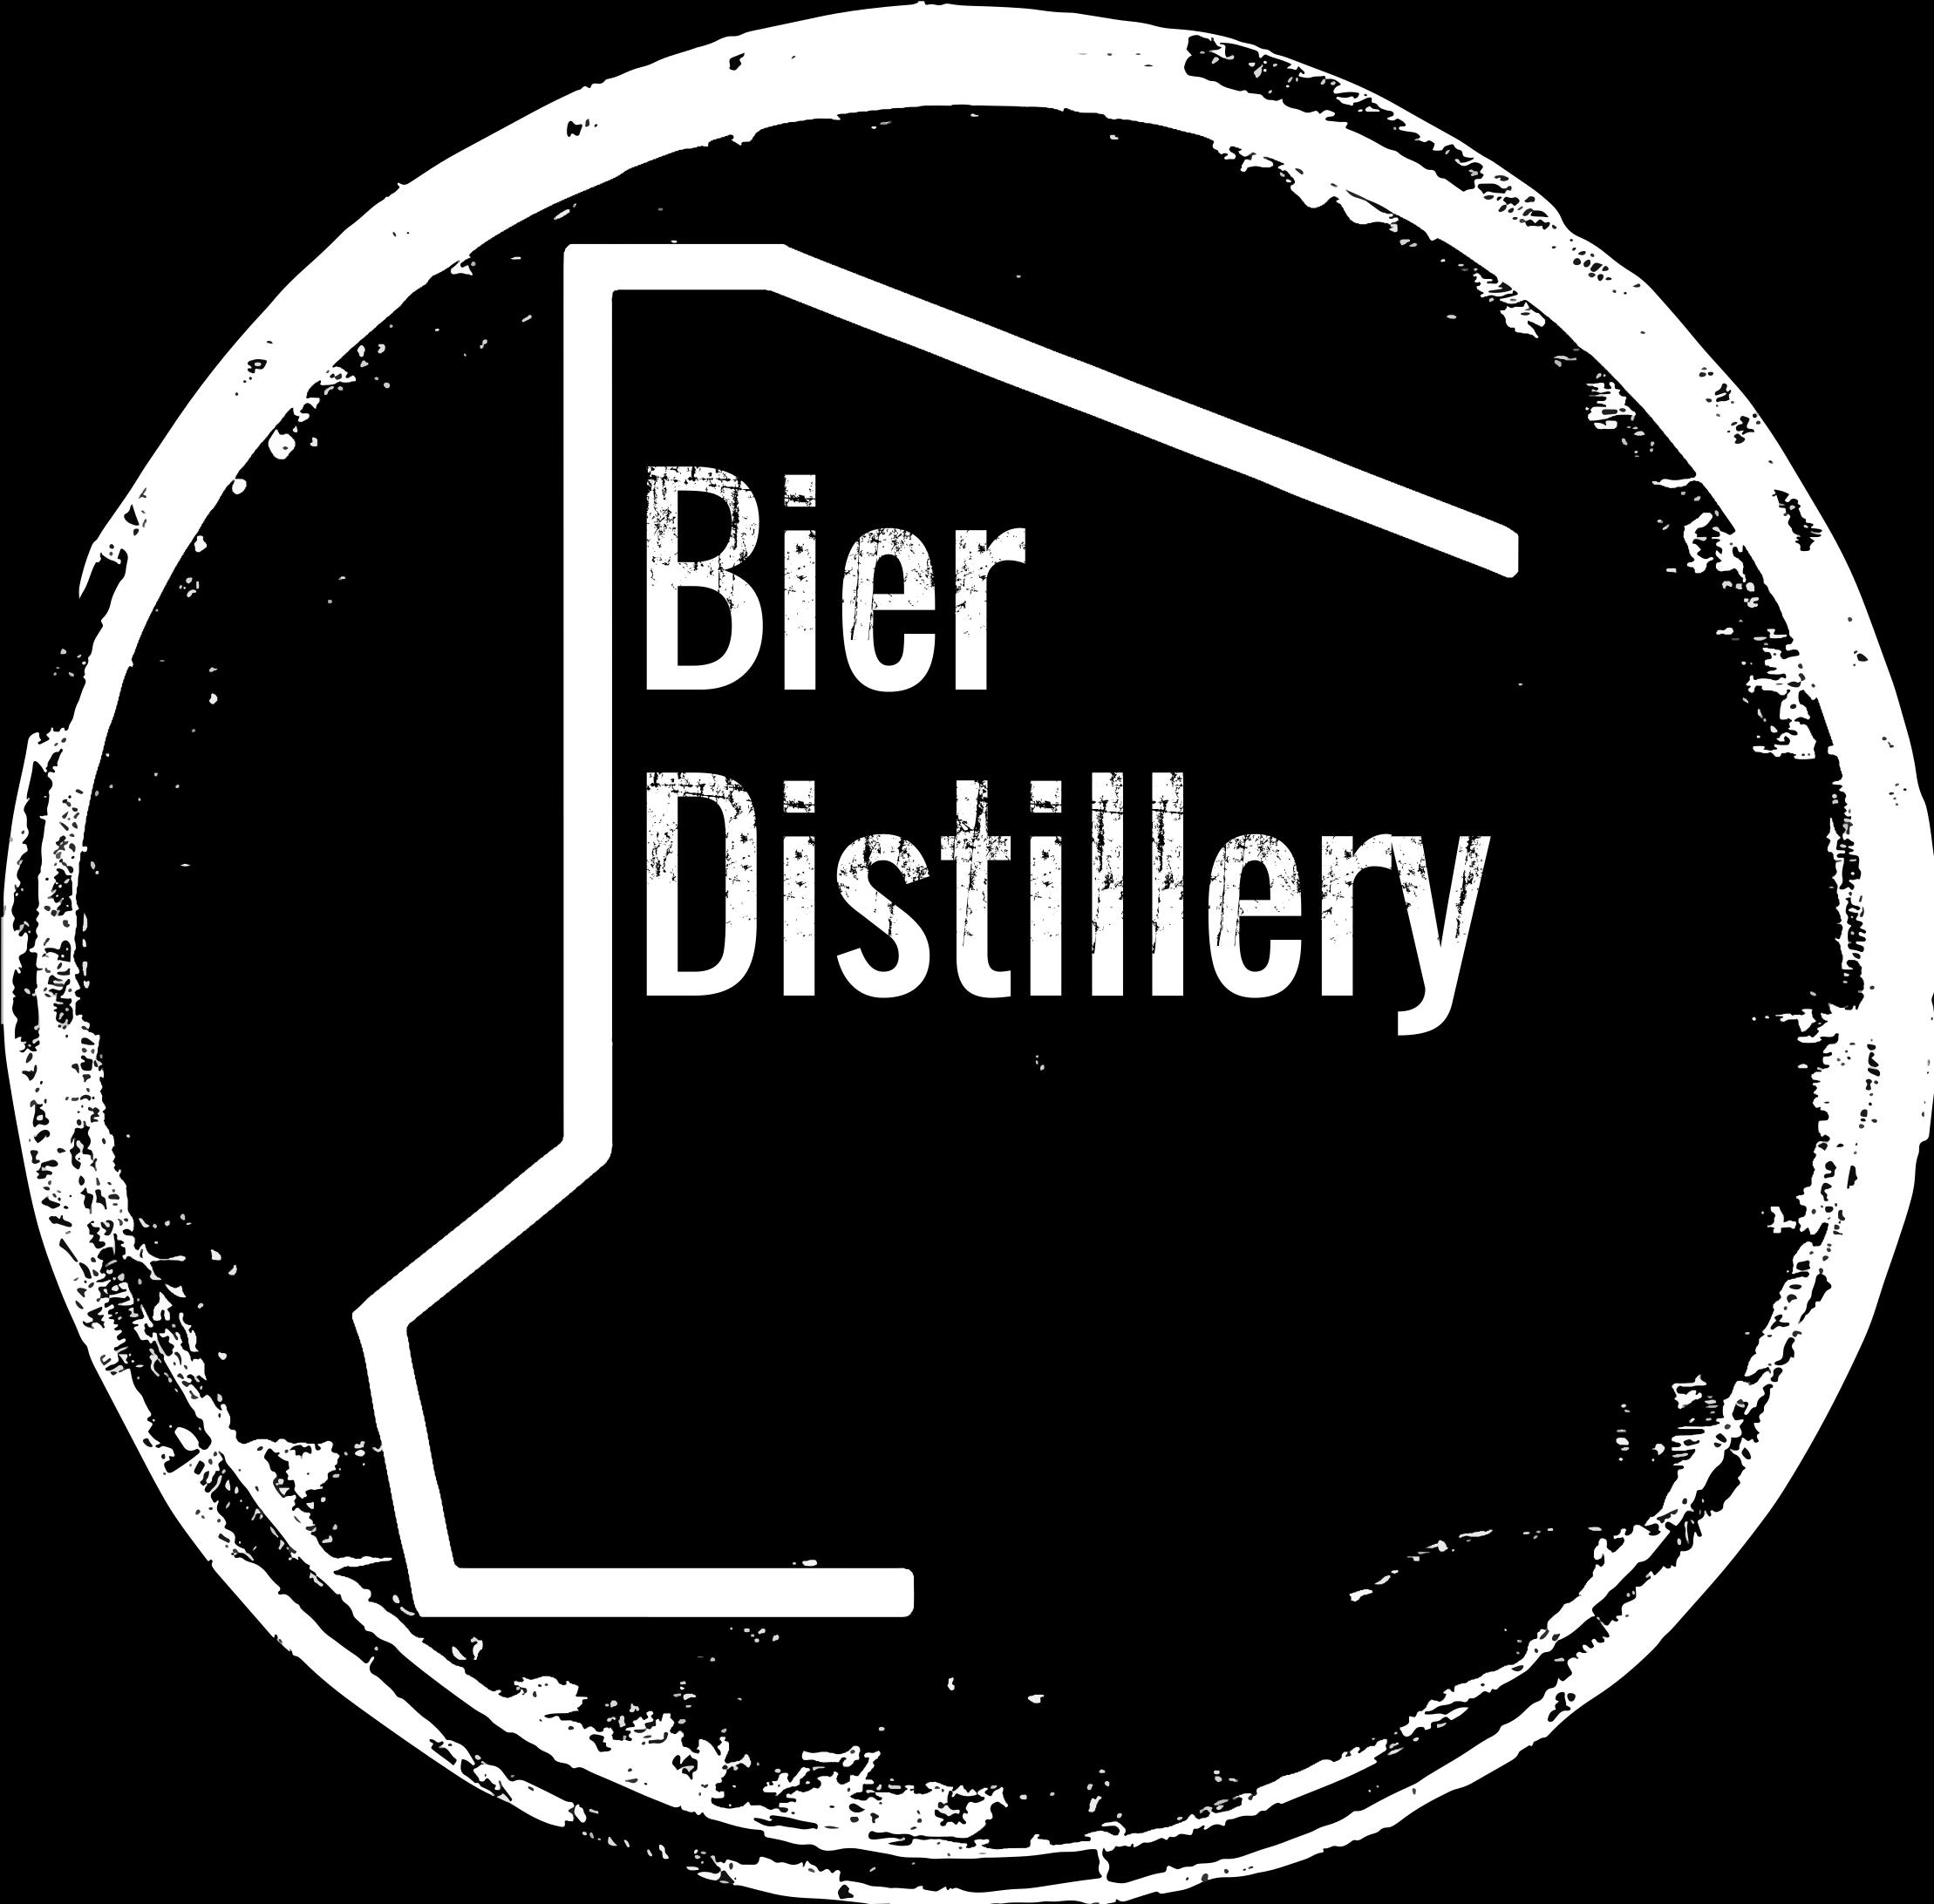 Bier Distillery